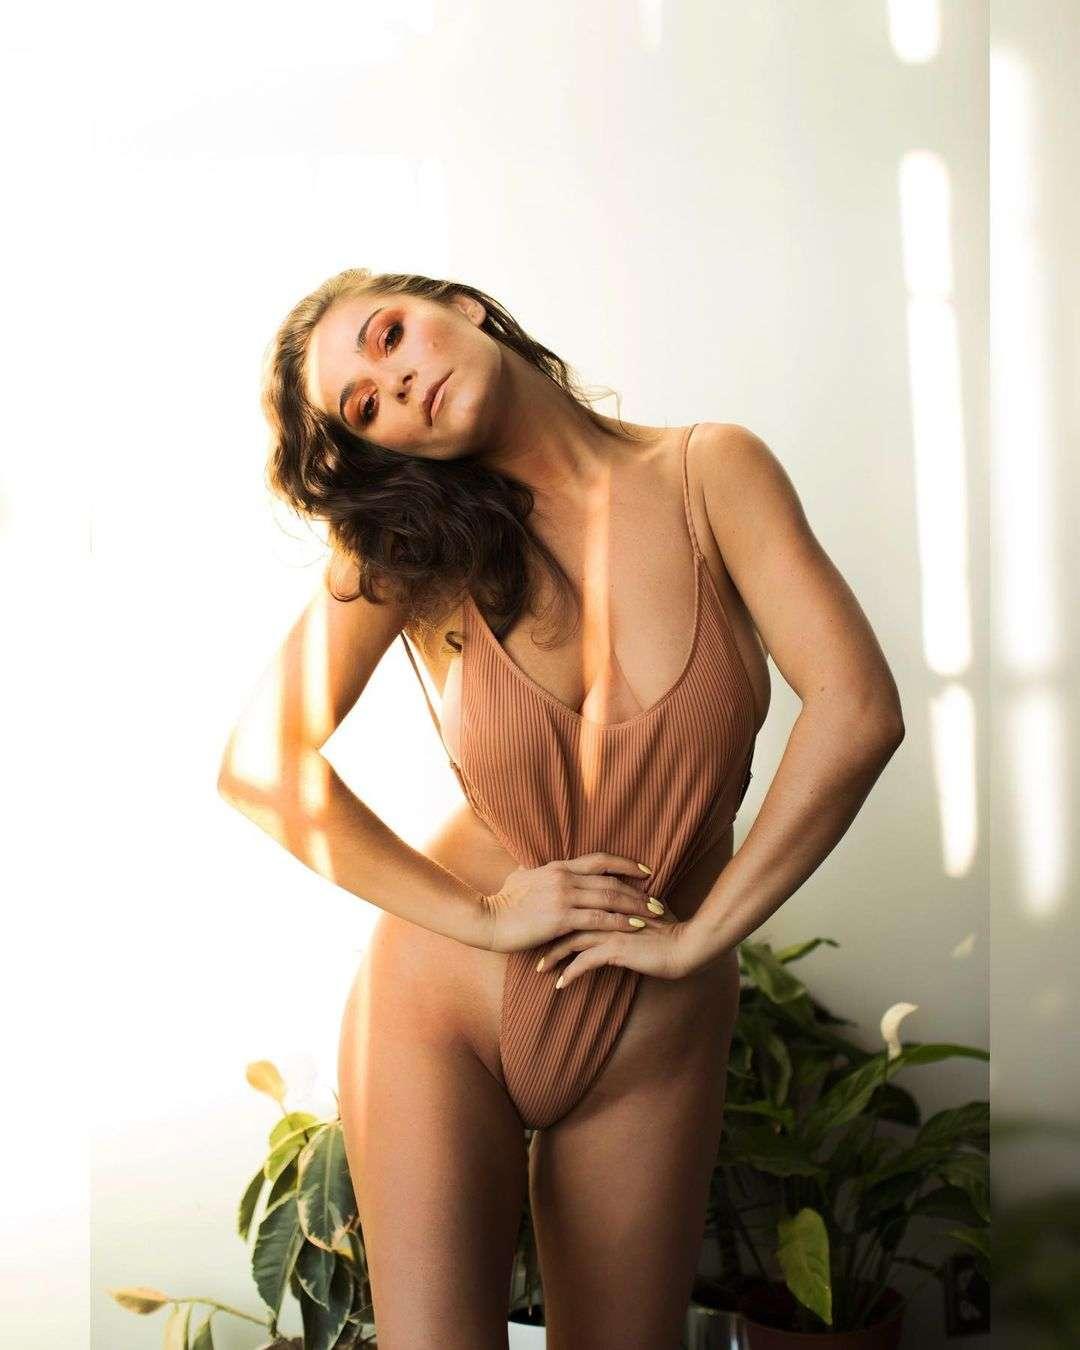 elysia rotaru cleavage